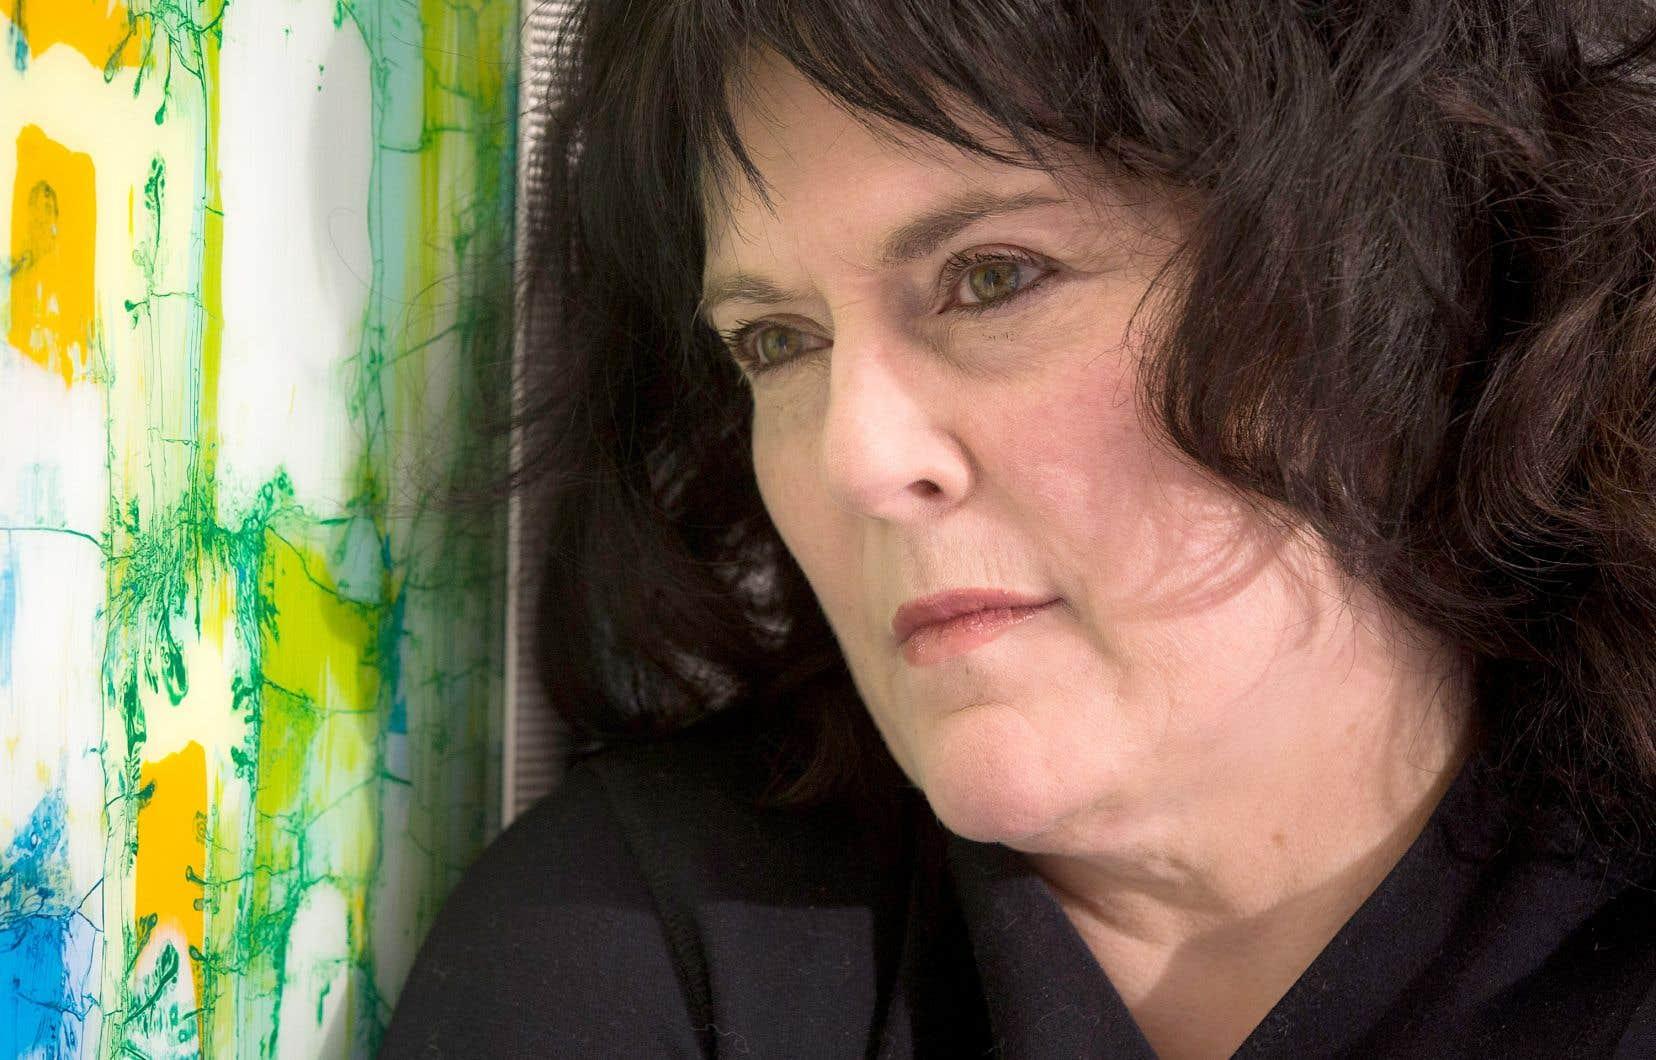 Annick Charette encourage les victimes de violences sexuelles à porter plainte.